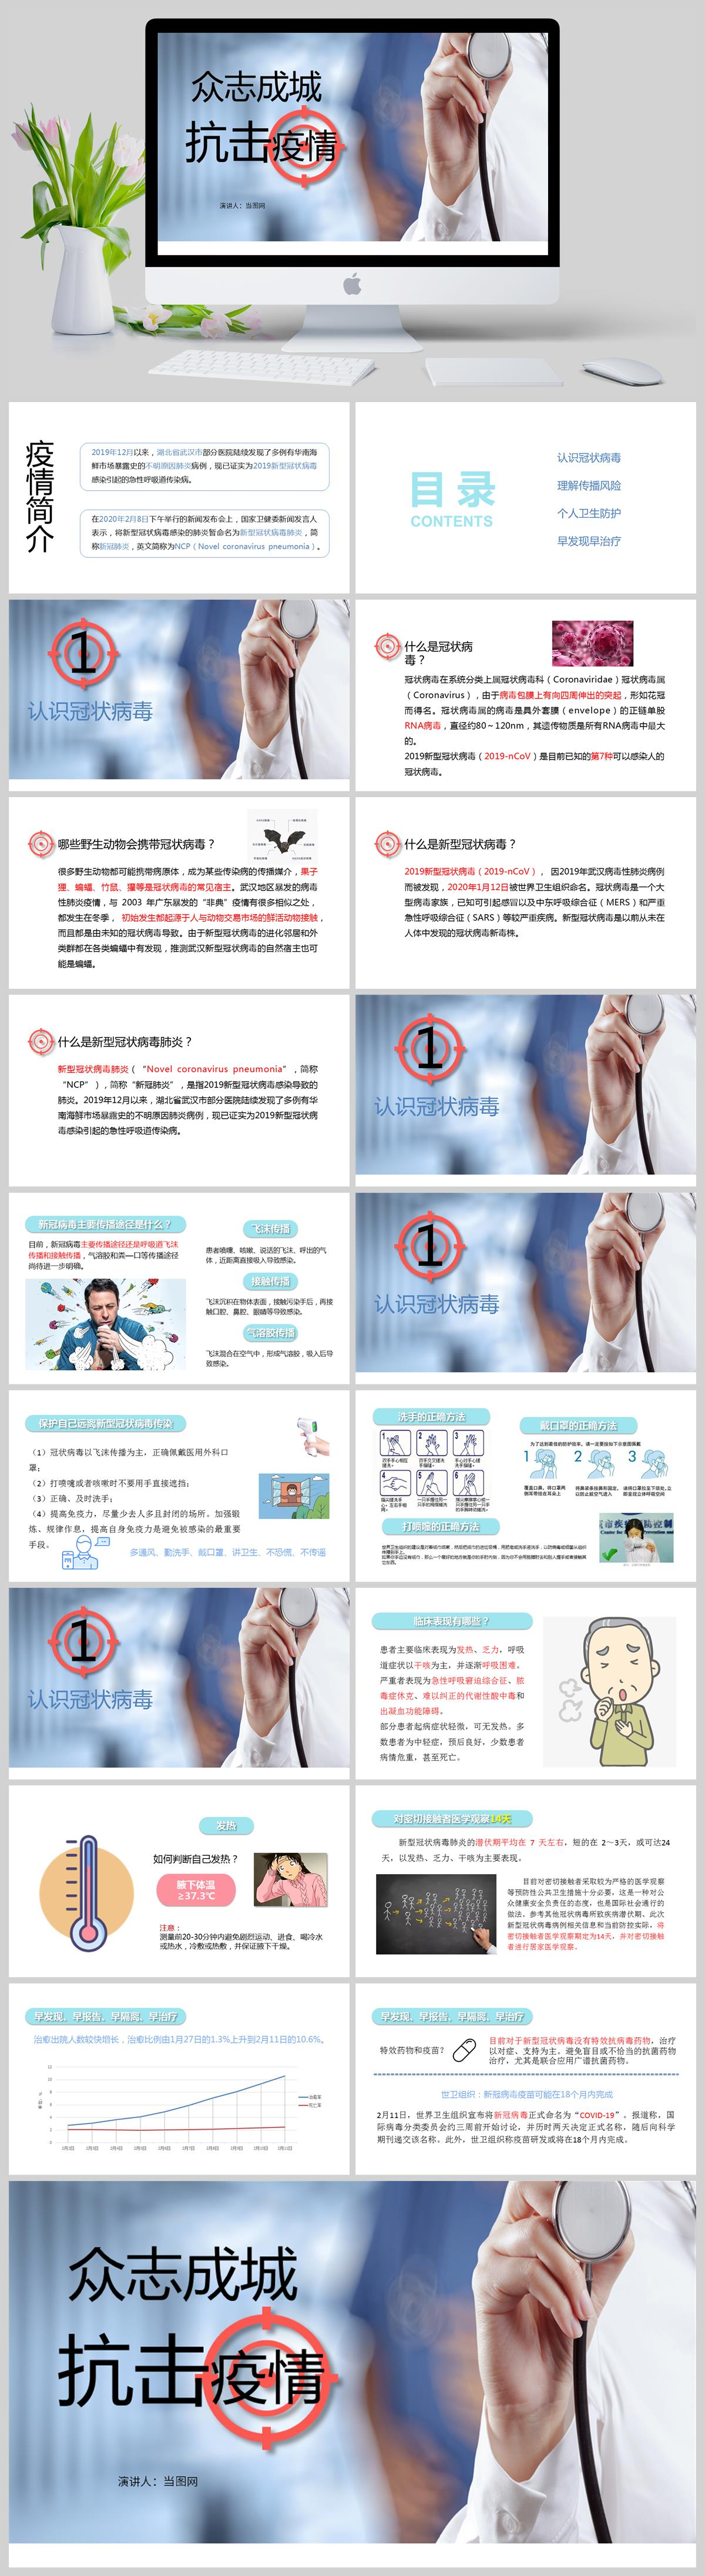 众志成城抗击疫情预防冠状病毒PPT亚博体育主页